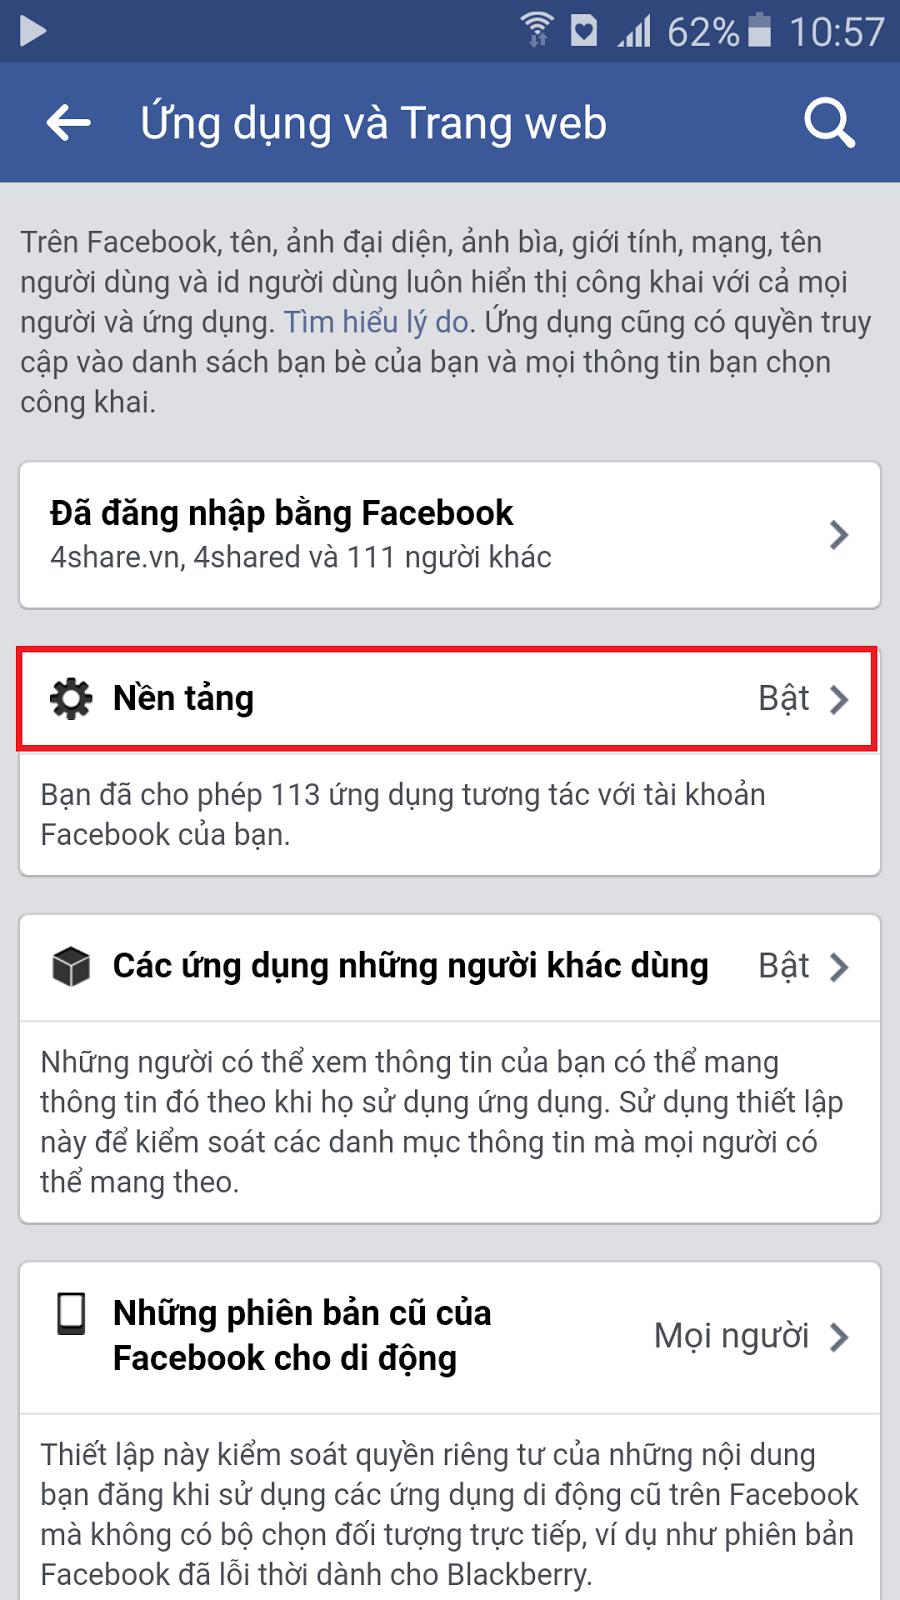 Chặn lời mời chơi game trên Facebook một cách dễ dàng